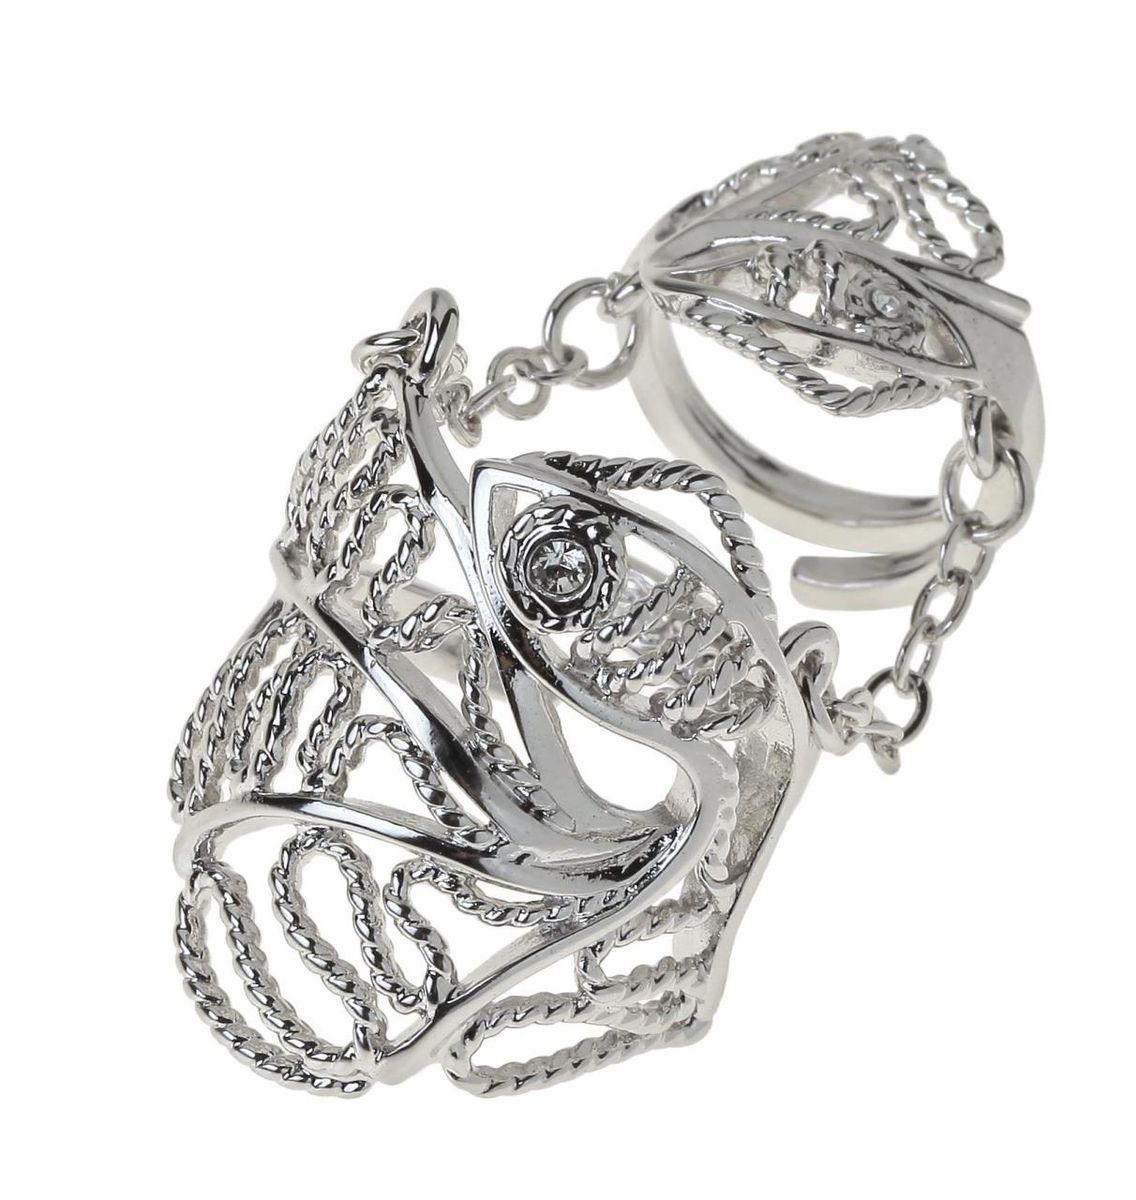 Кольцо Jenavi Вежер, цвет: серебряный, белый. r768f000r768f000Стильное кольцо Jenavi Вежер выполнено из ювелирного сплава и оформлено ажурными переплетениями в виде рыбки, глазик которой дополнен кристаллом Swarovski. Кольцо надевается на две фаланги и имеет универсальный размер. Оригинальное кольцо Jenavi превосходно дополнит ваш образ и подчеркнет отменное чувство стиля своей обладательницы.